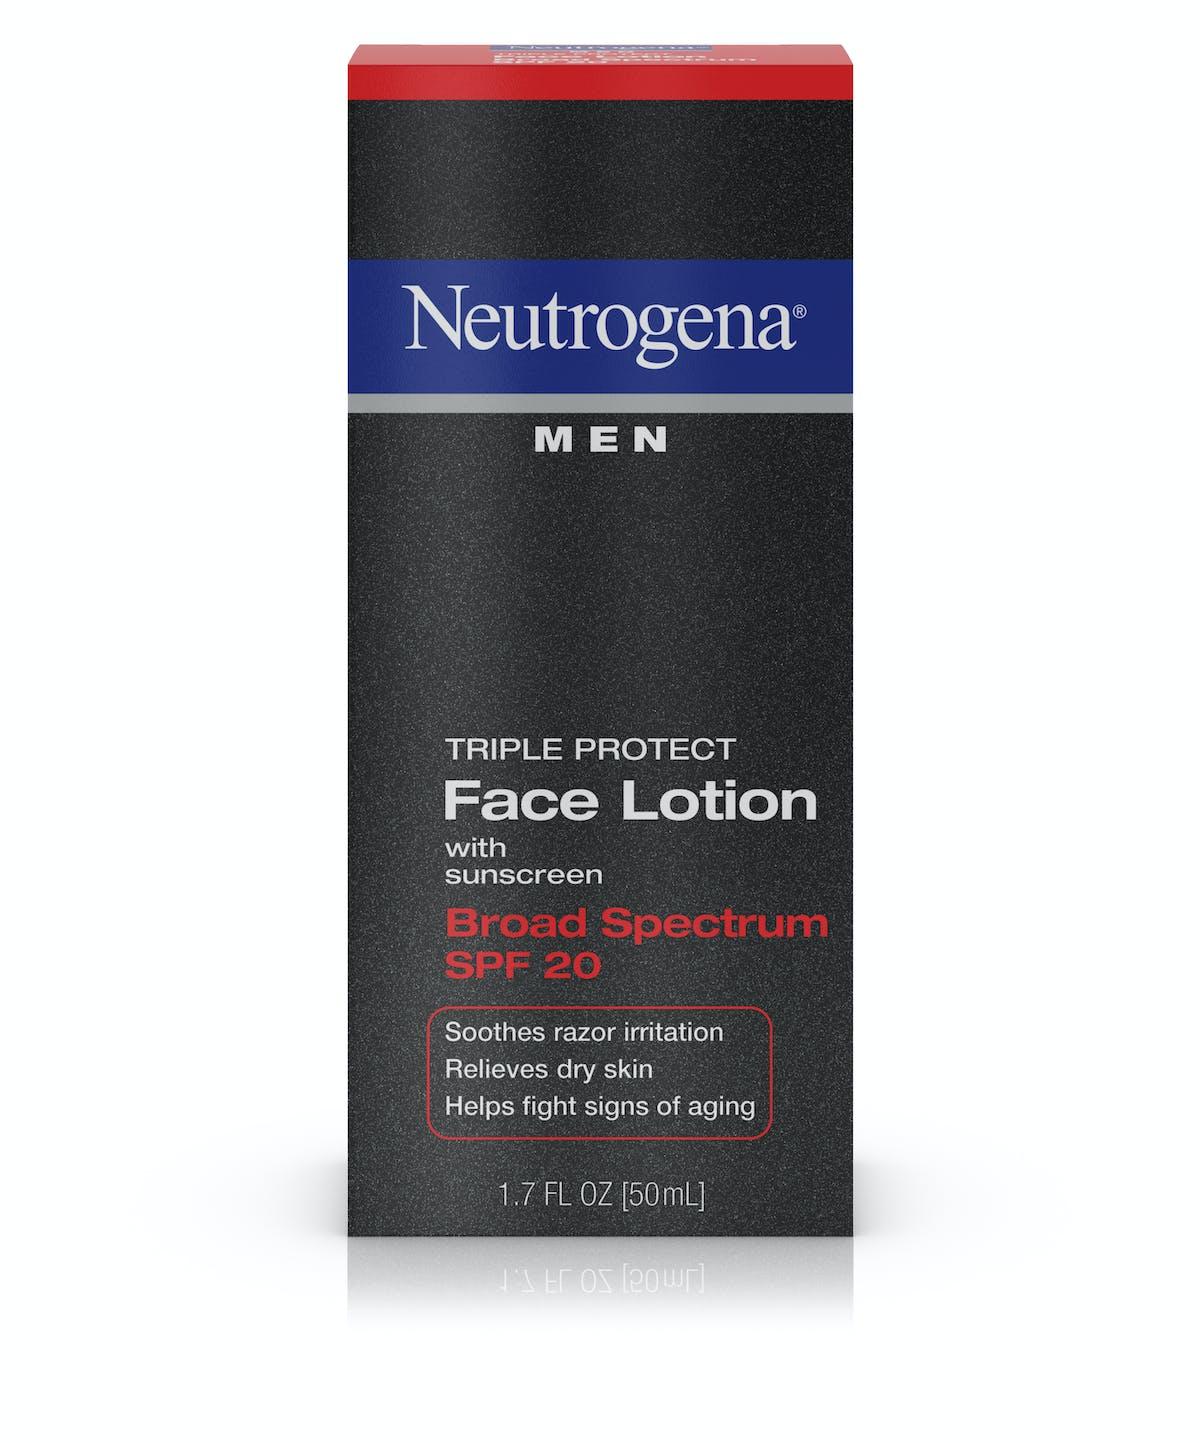 neutrogena face lotion